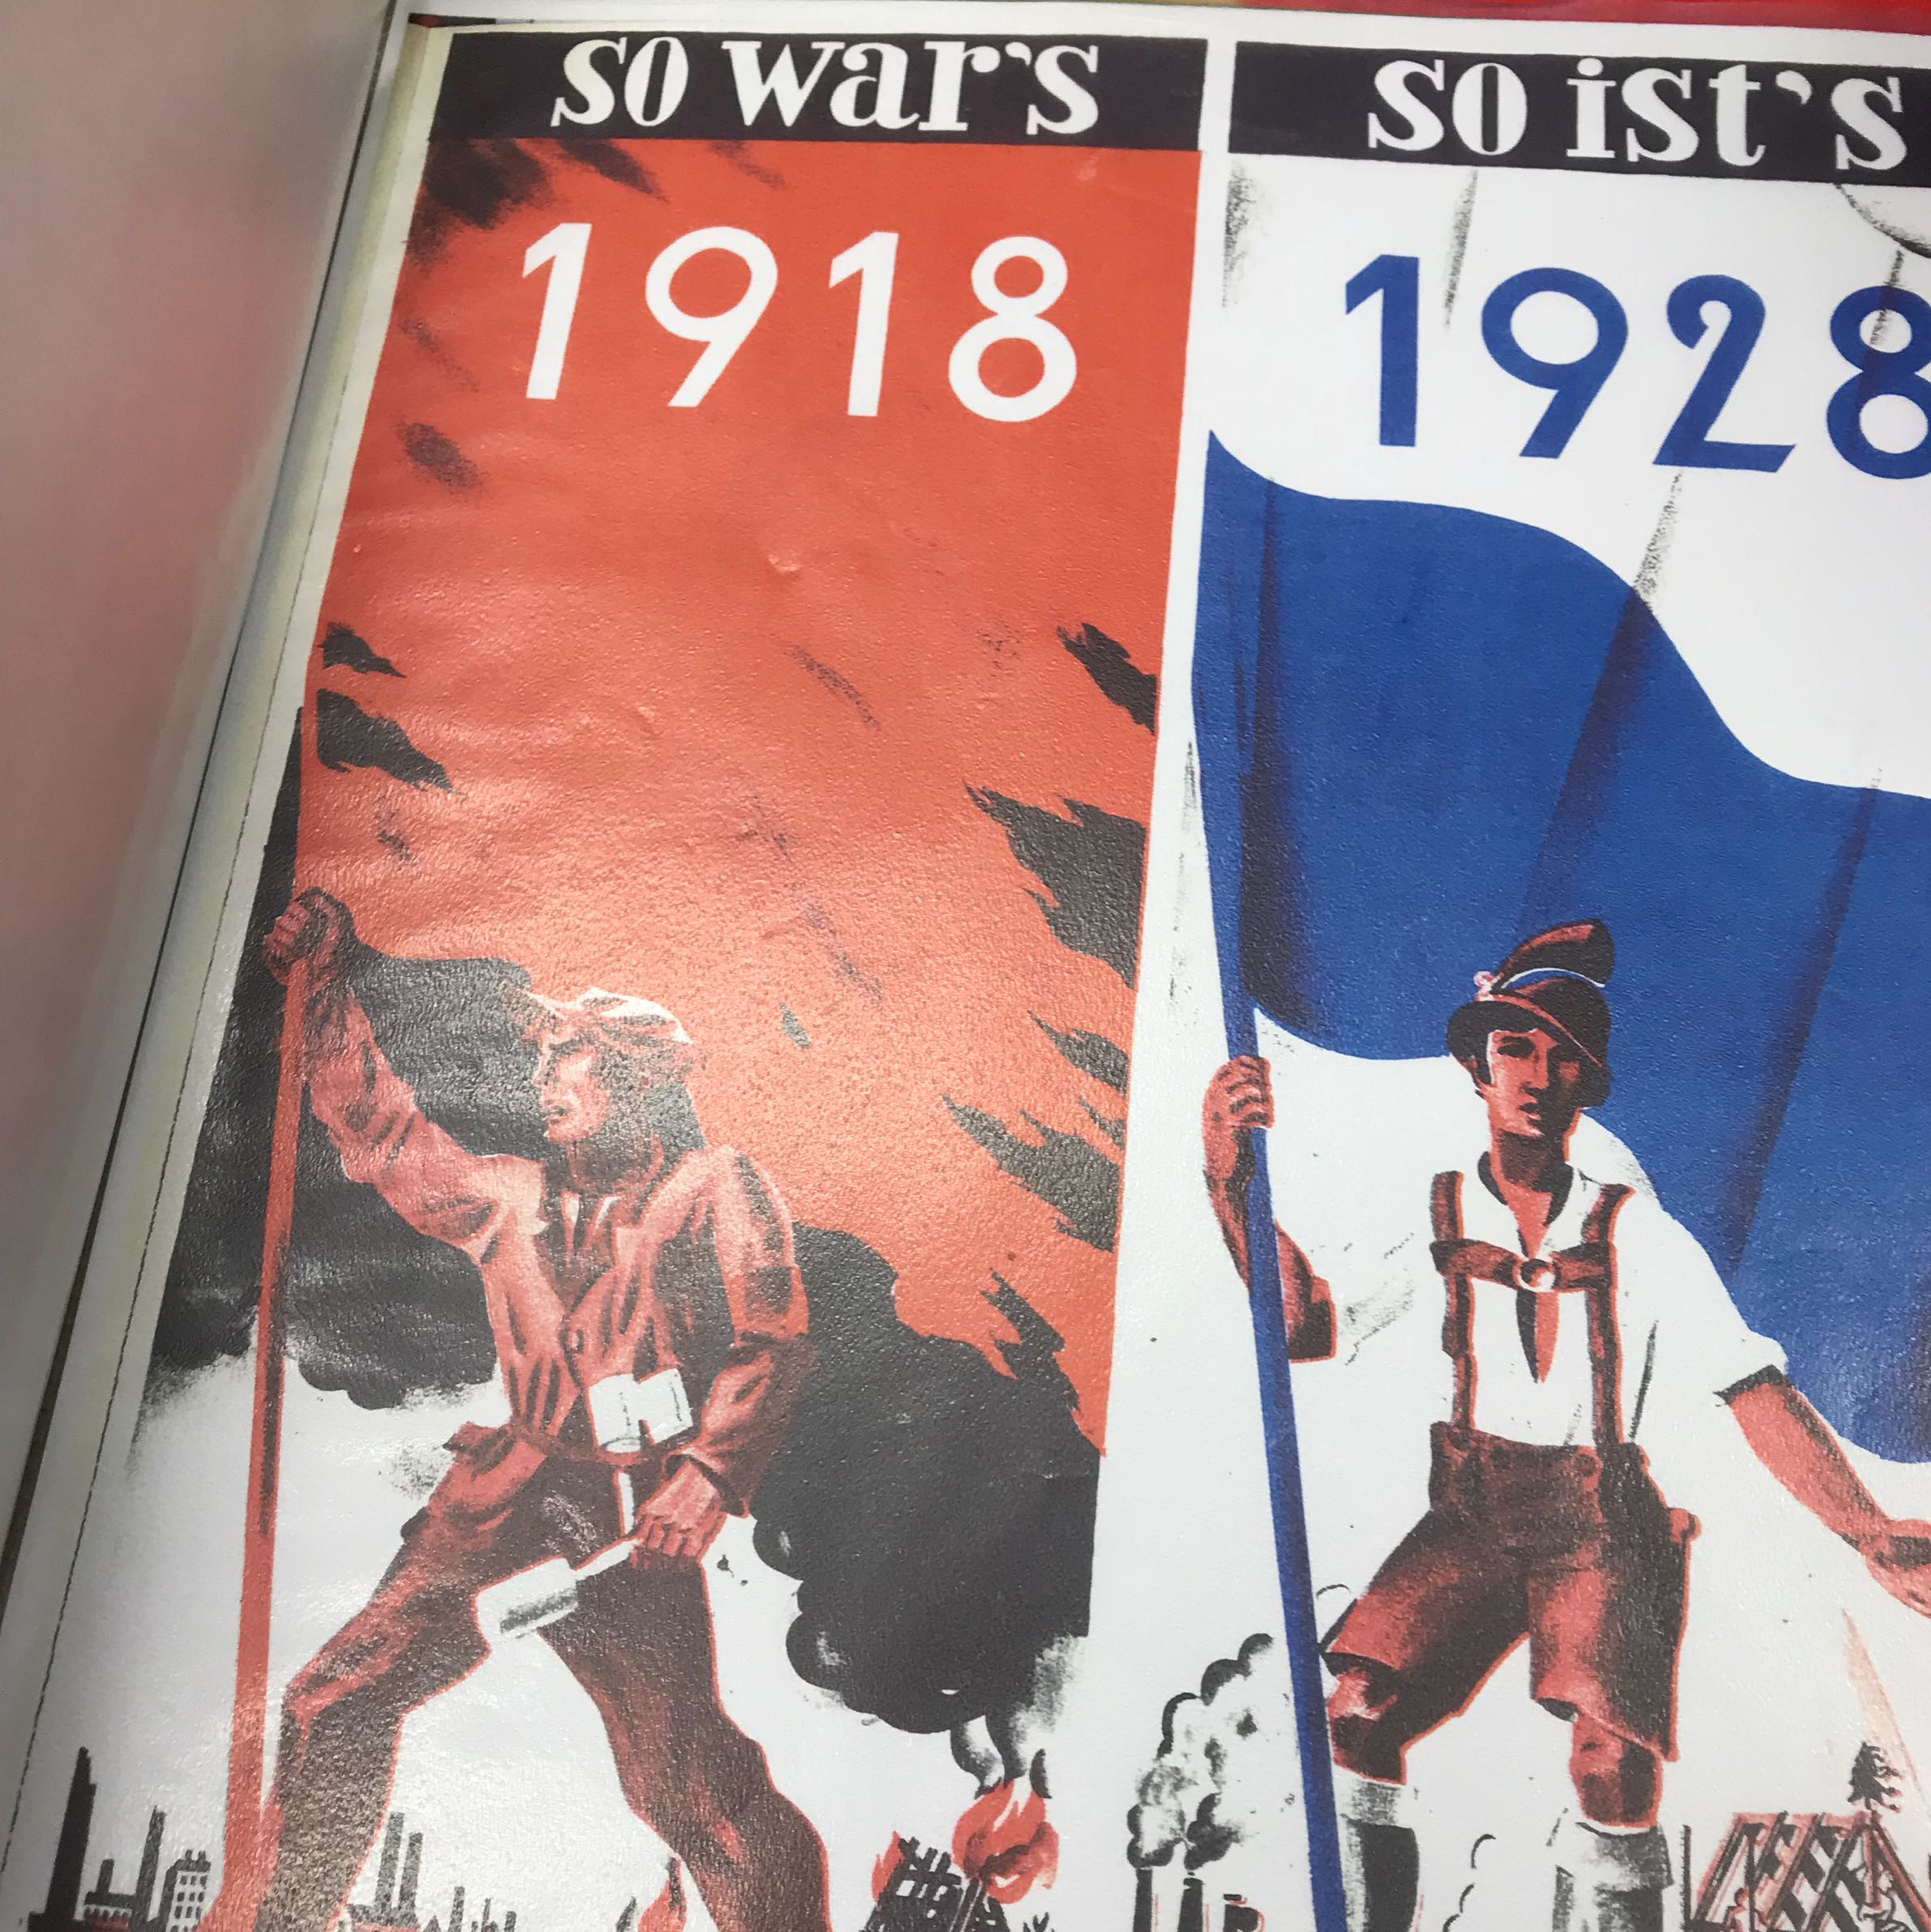 Weiß Rot Blaue Flagge: Was Bedeutet Diese Flagge(rot/blau)? (Politik, Geschichte